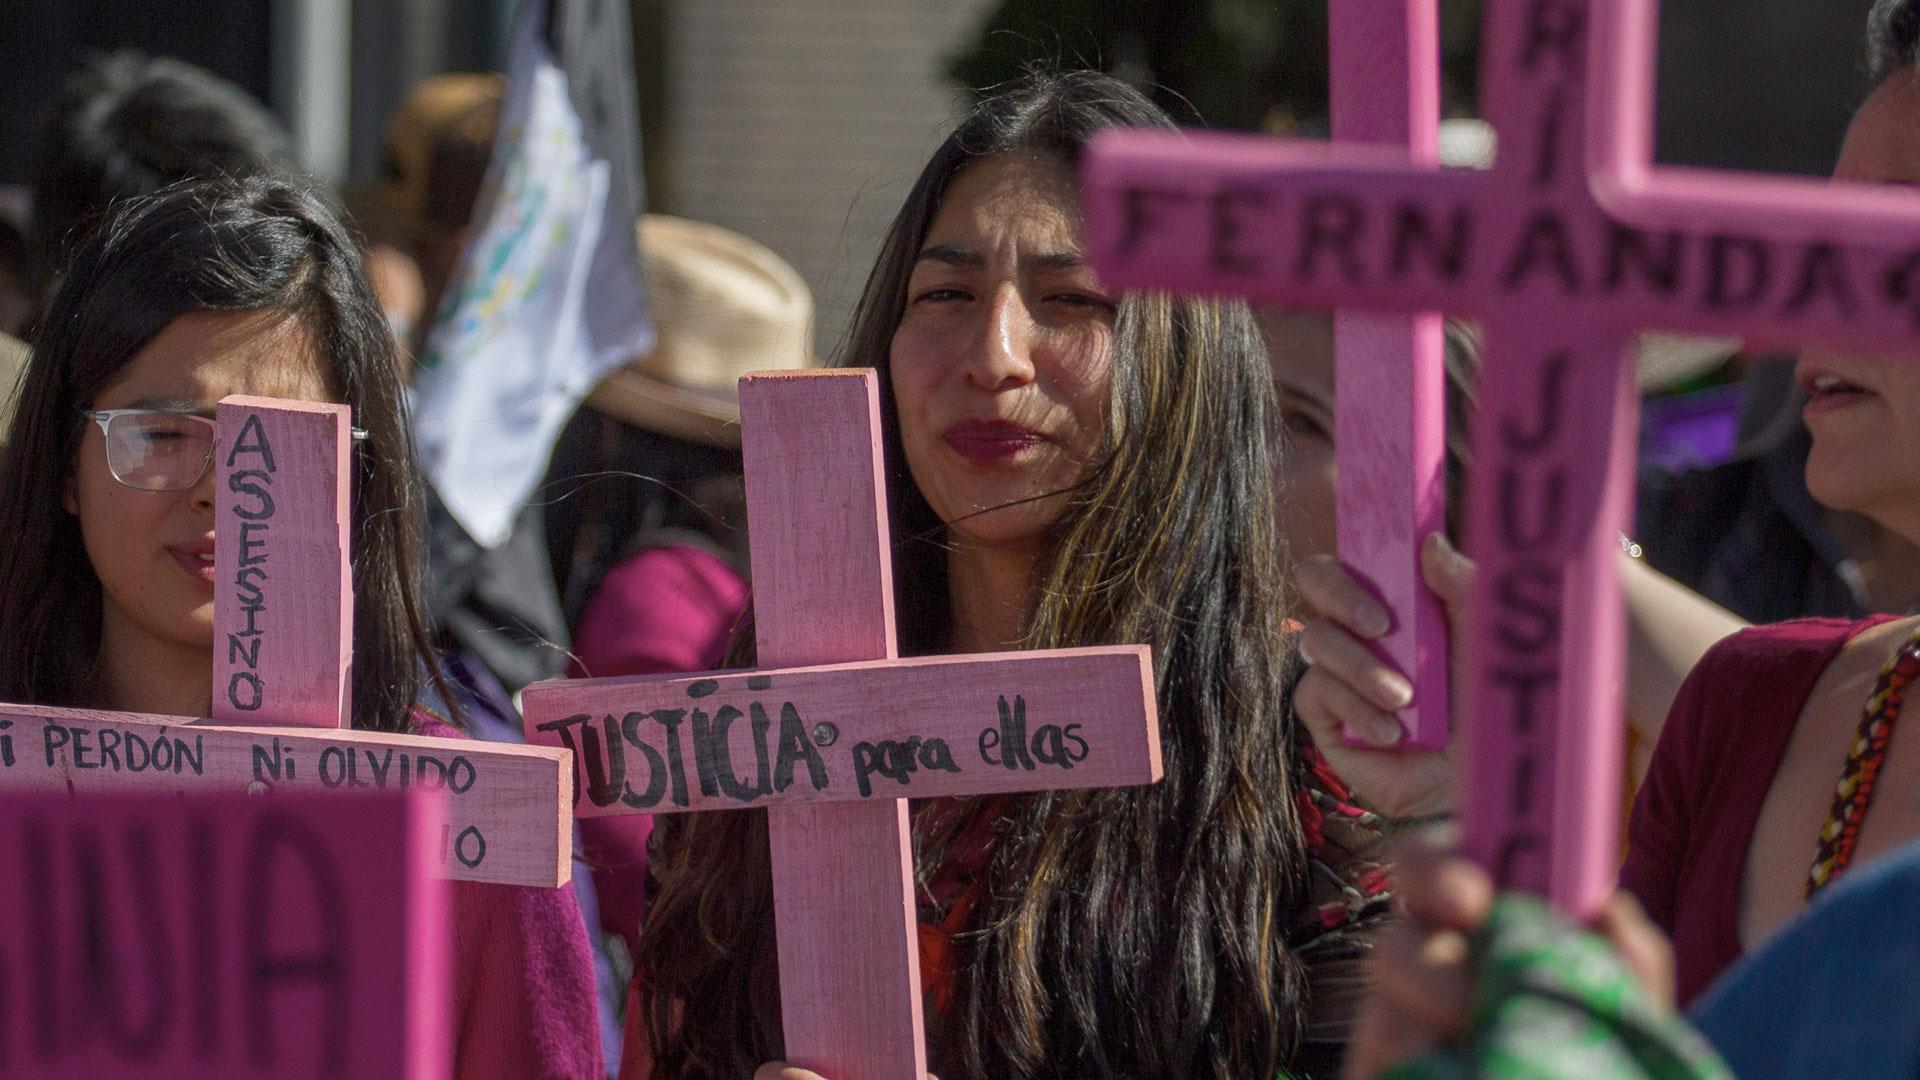 Un hombre cumplió su cometido al asesinar a una bailarina tras prenderle fuego (Foto: Isaac Esquivel/CUARTOSCURO.COM)